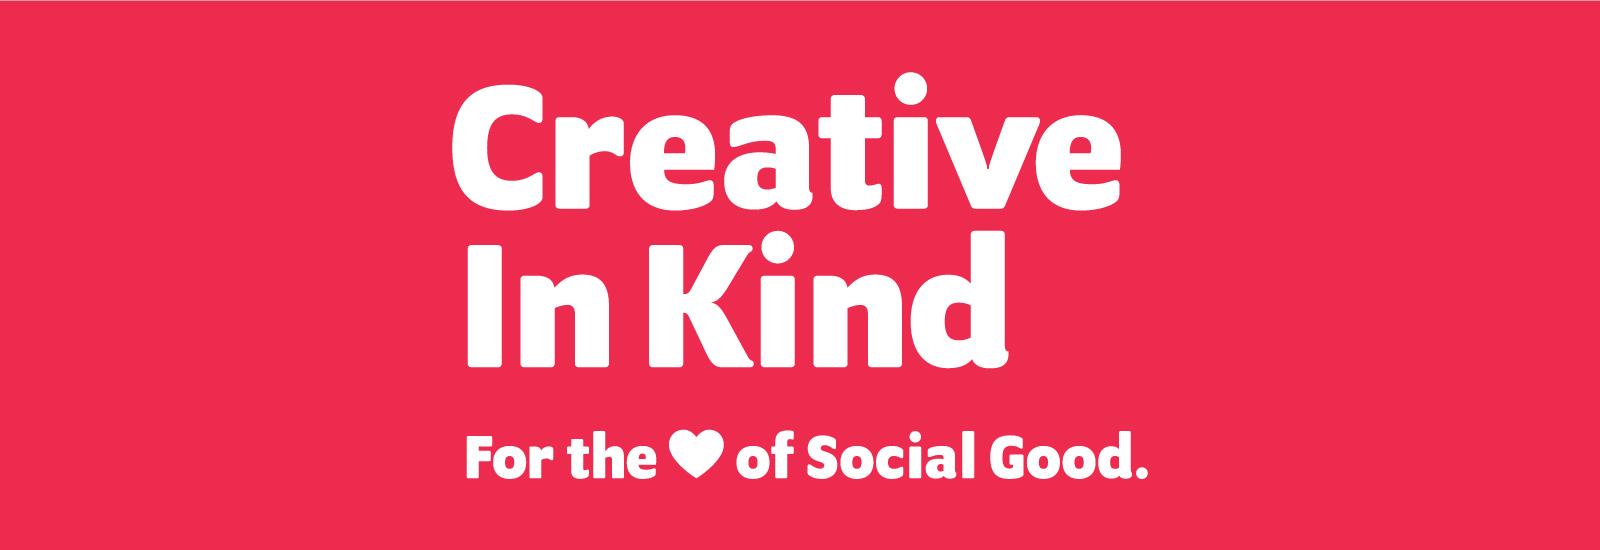 CreativeInKind_Ebbnflowcreative_Banner.jpg